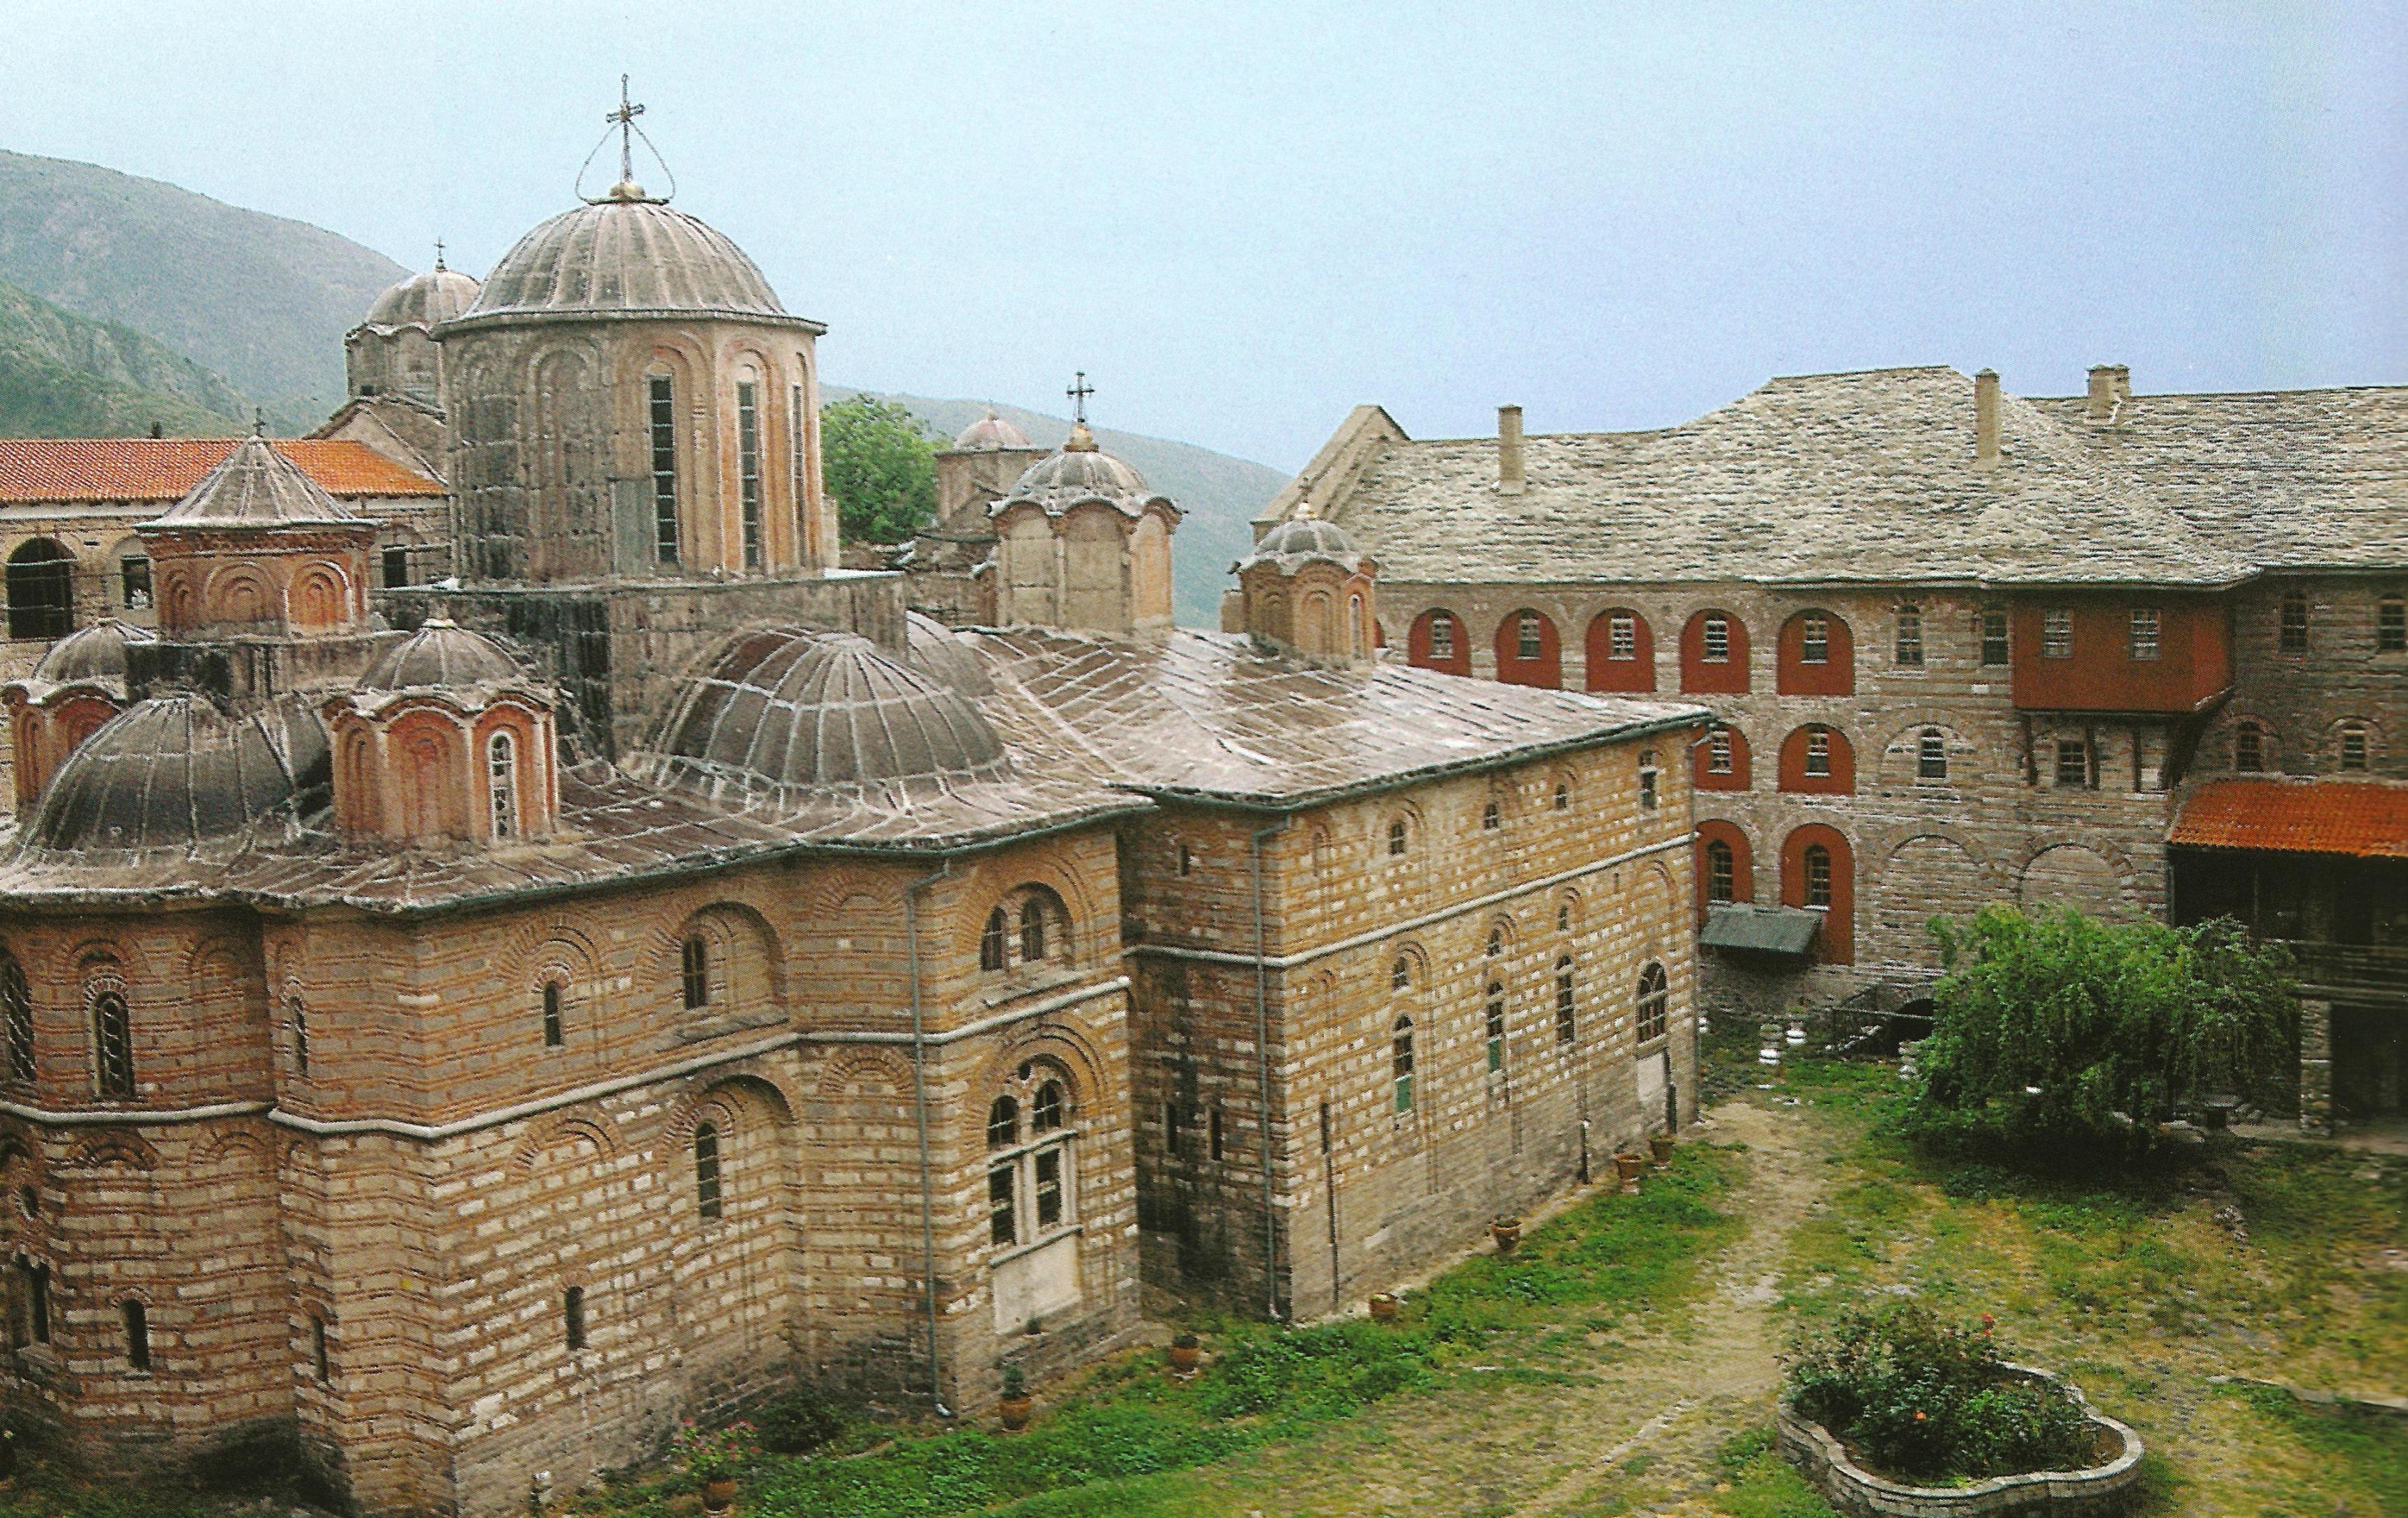 Βορειοανατολική άποψη του καθολικού. The katholikon from the northeast.